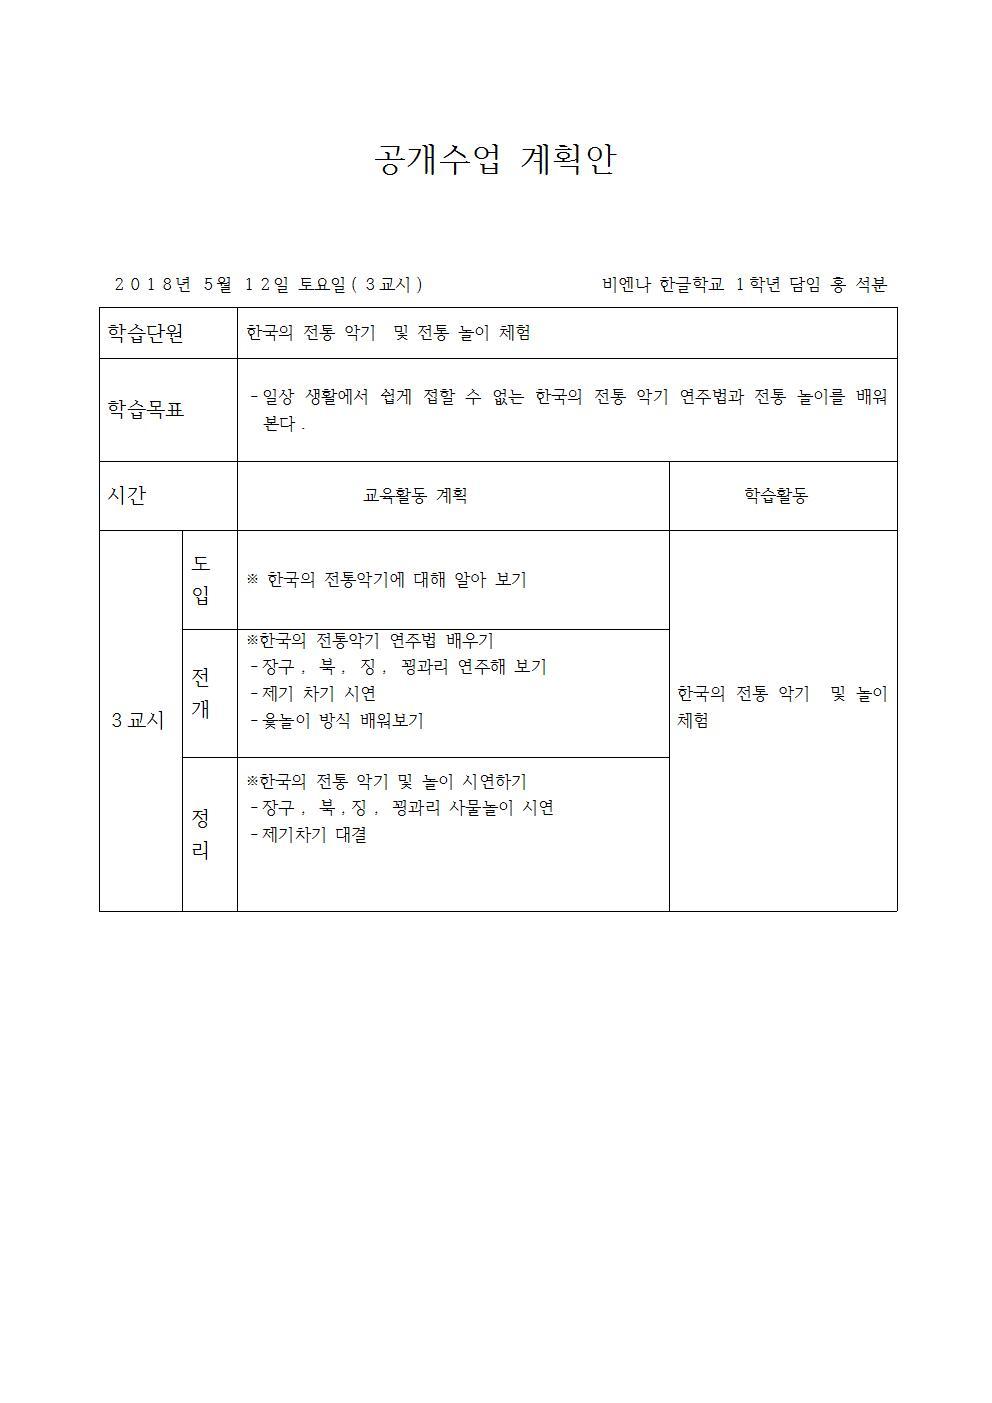 1학년-공개수업 계획안001.jpg